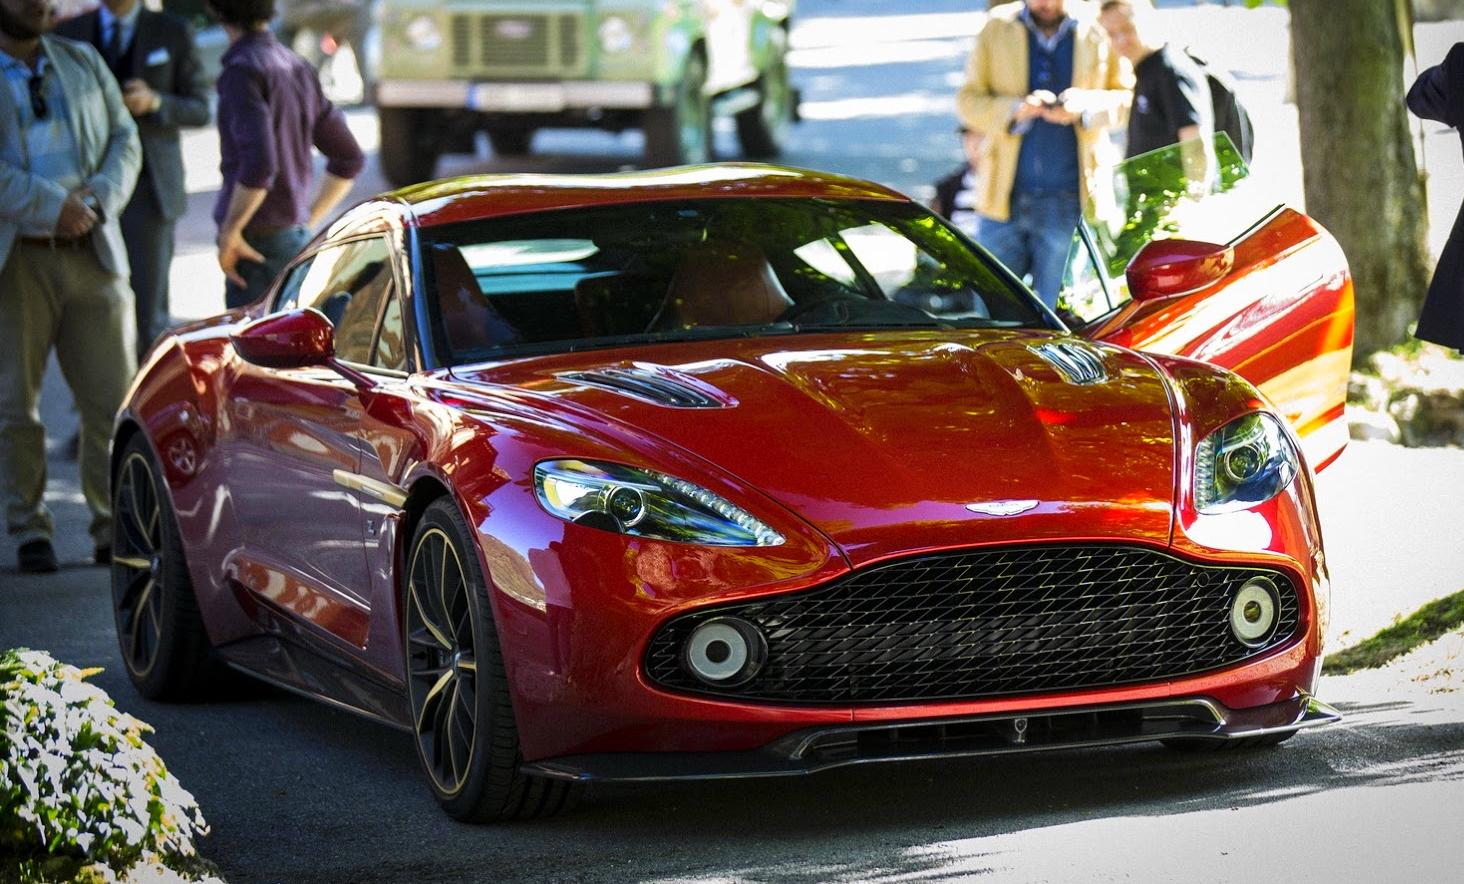 New Aston Martin Vanquish Zagato Concept - New aston martin zagato